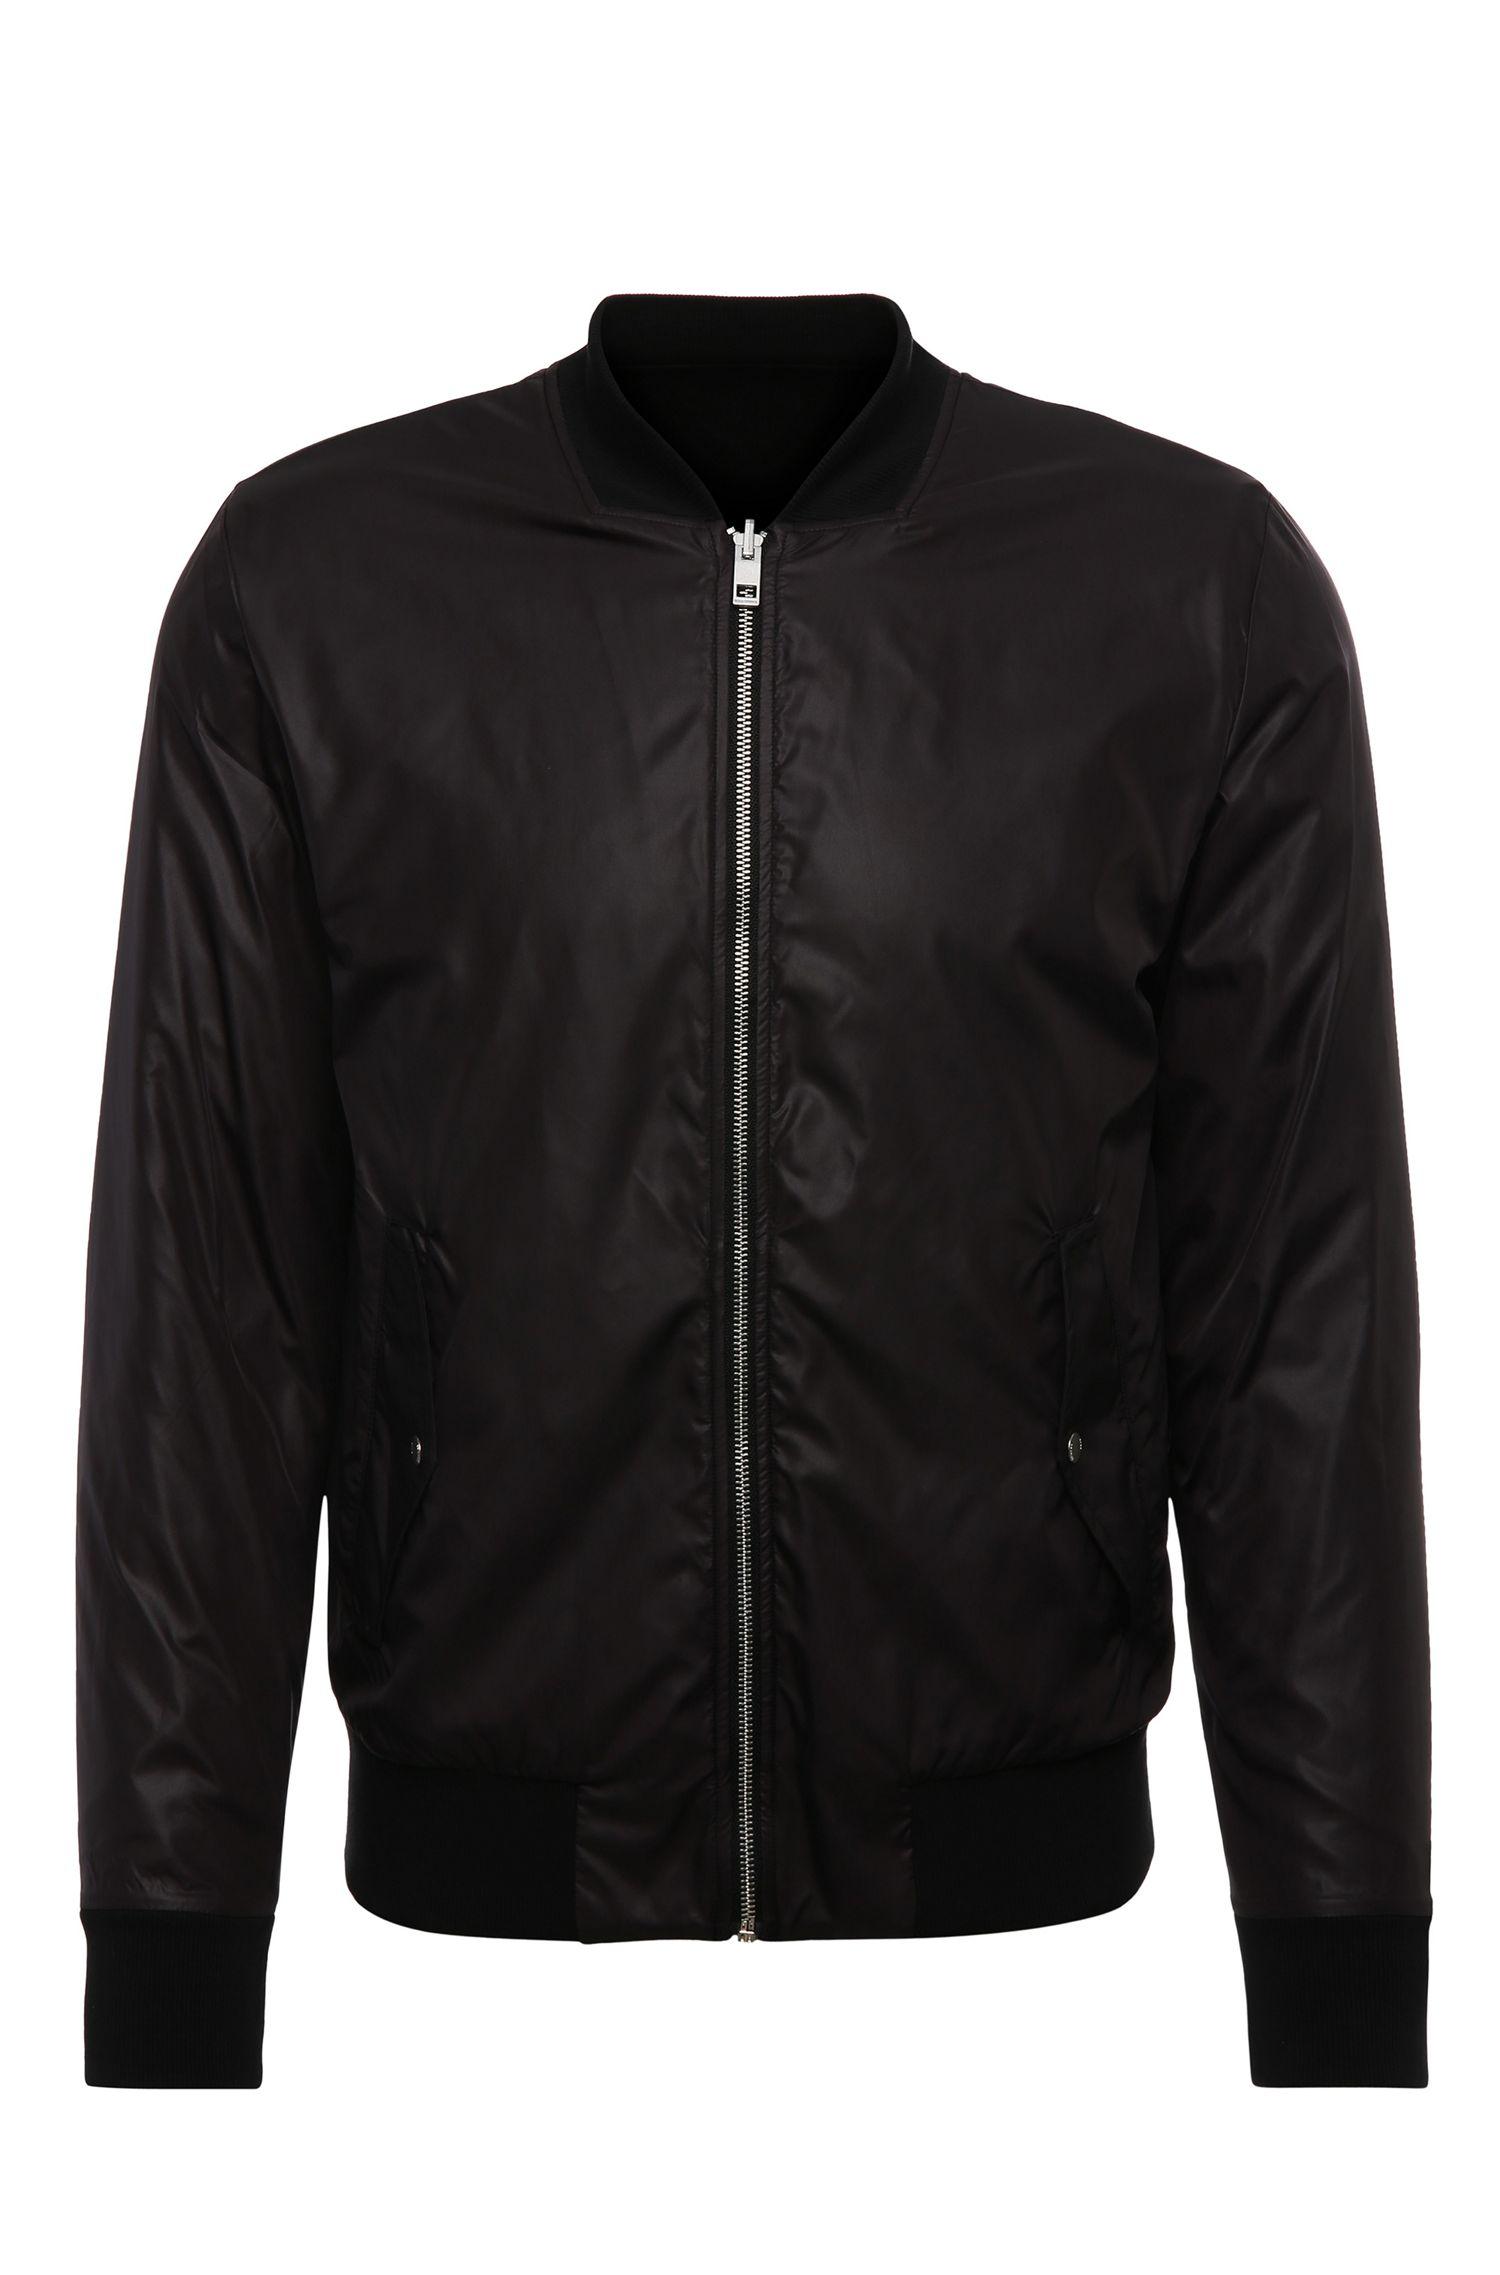 Nylon Bomber Jacket | Zstreets